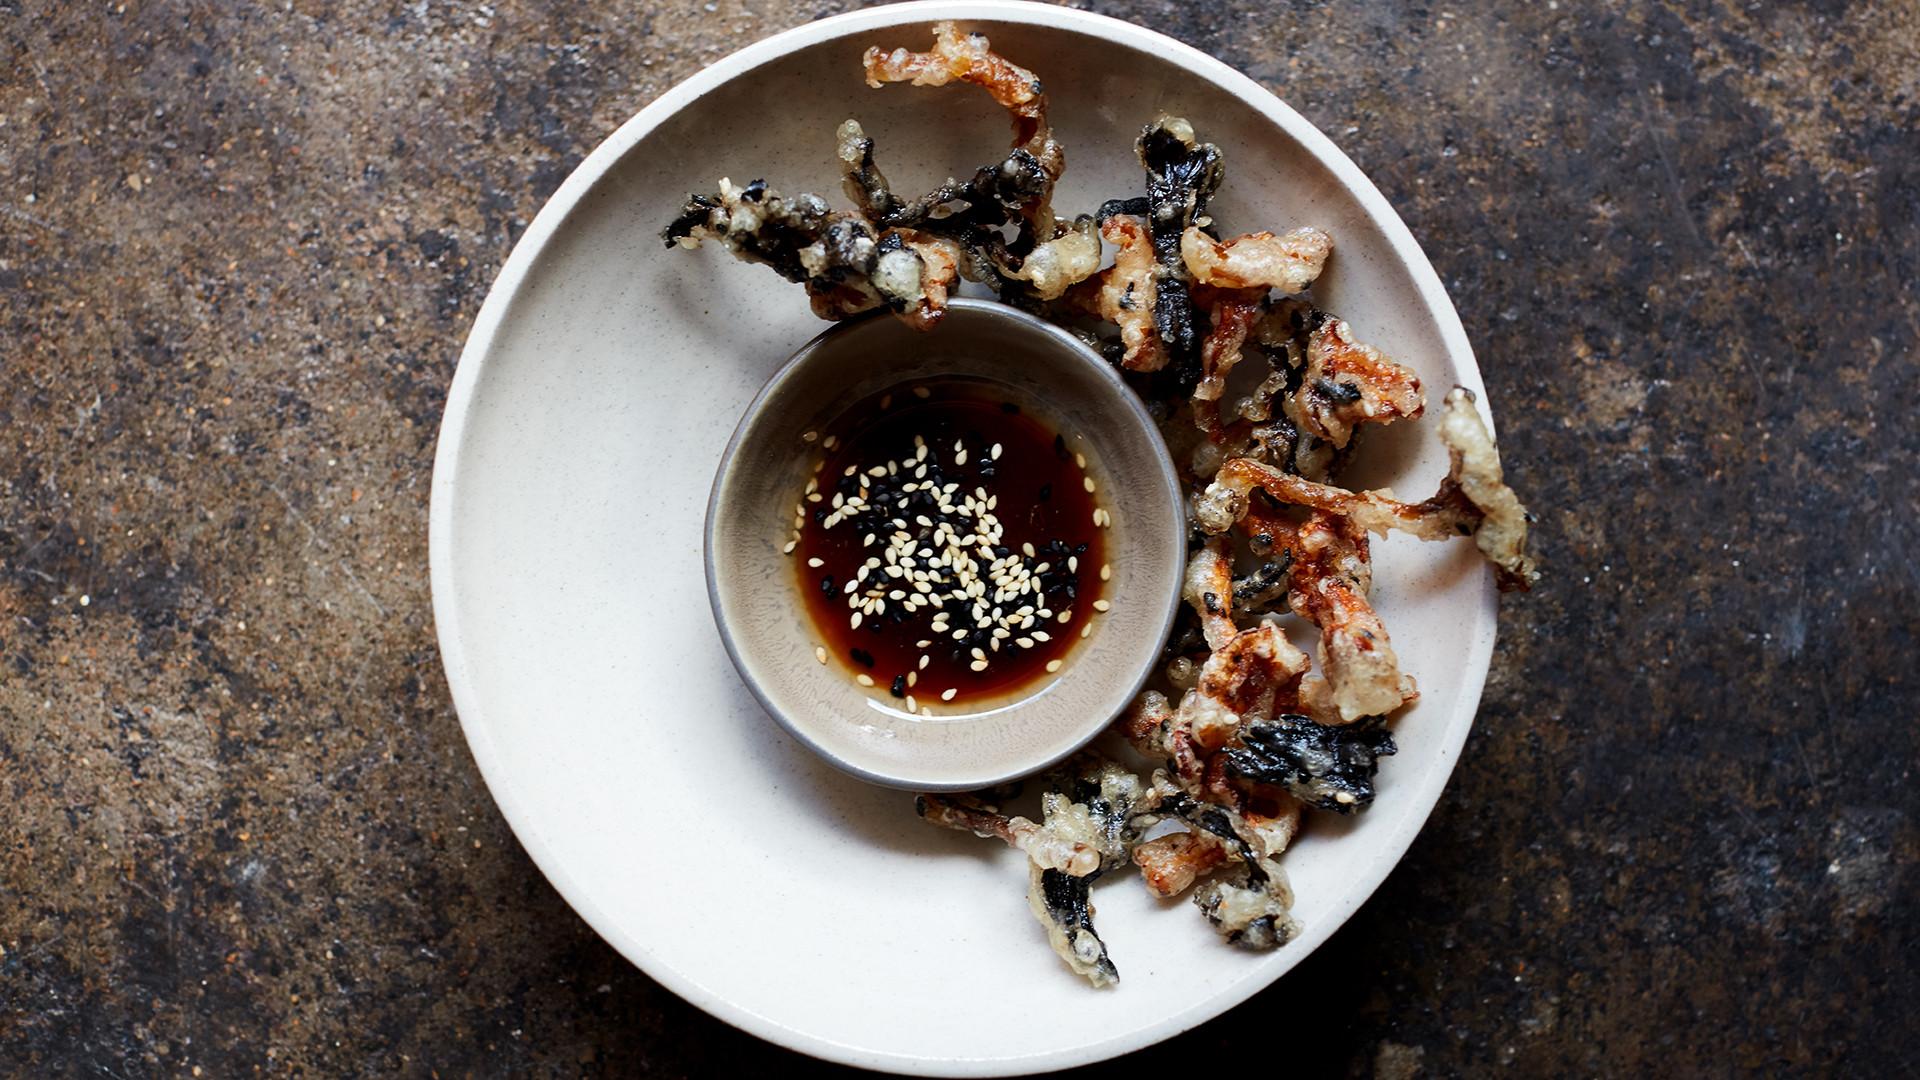 Mushroom tempura at Levan in Peckham